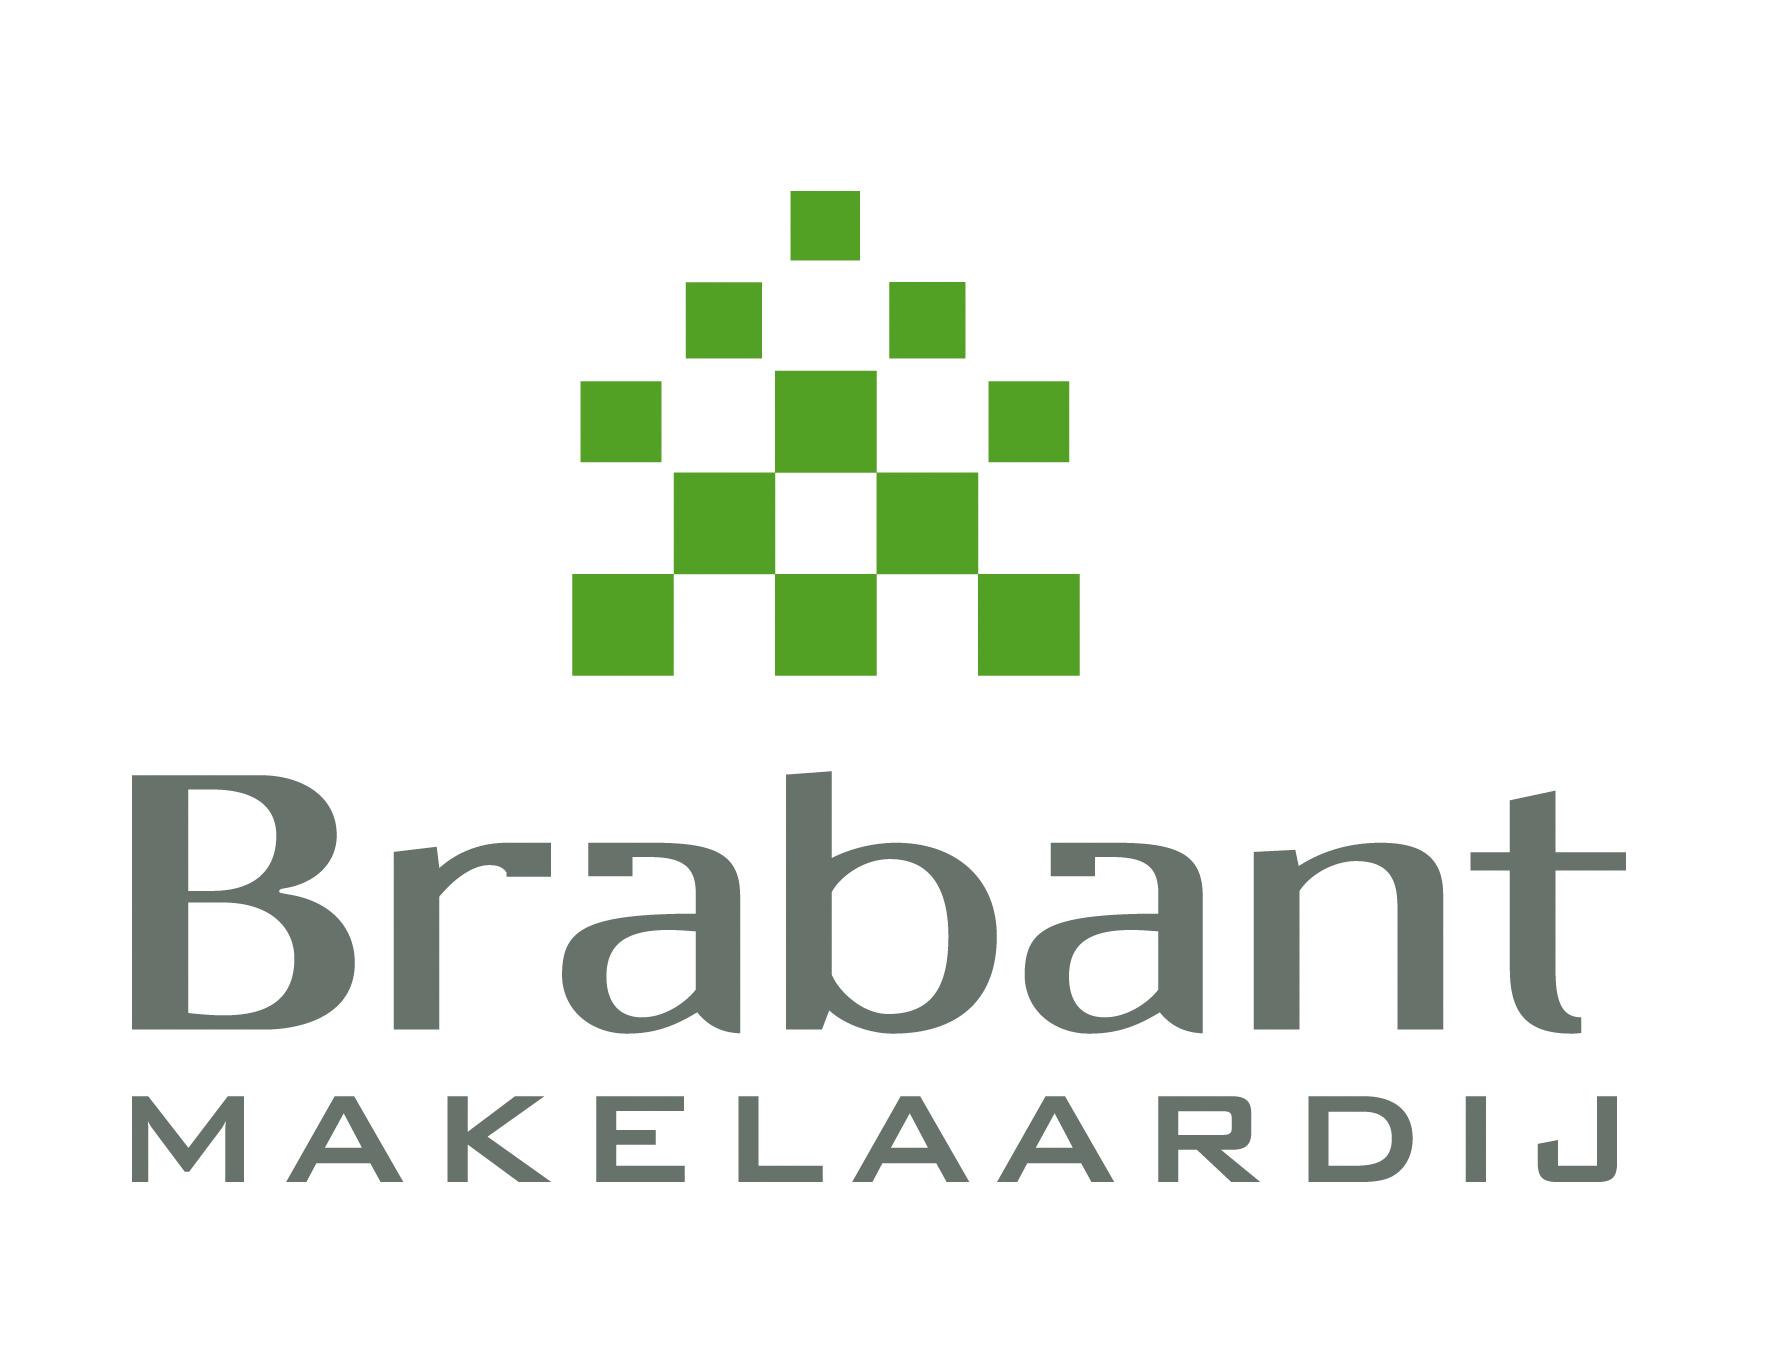 Brabant Makelaardij